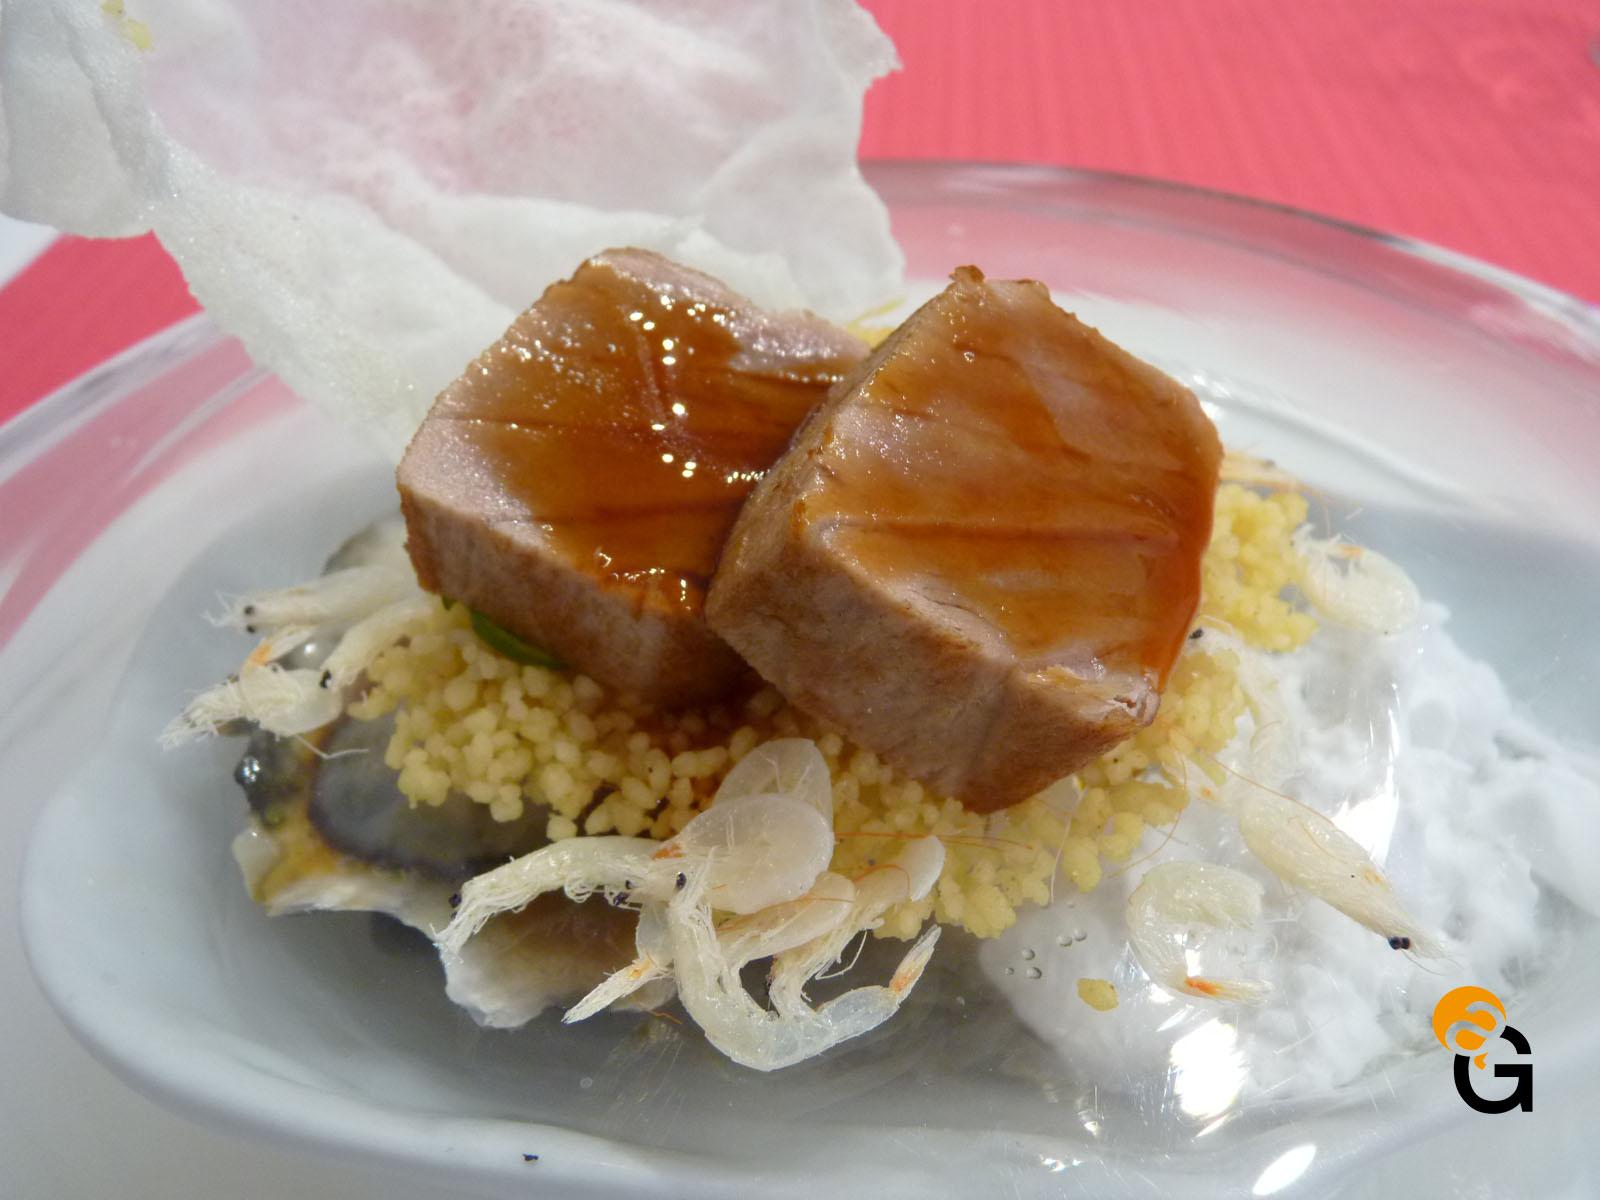 restaurante gamberro